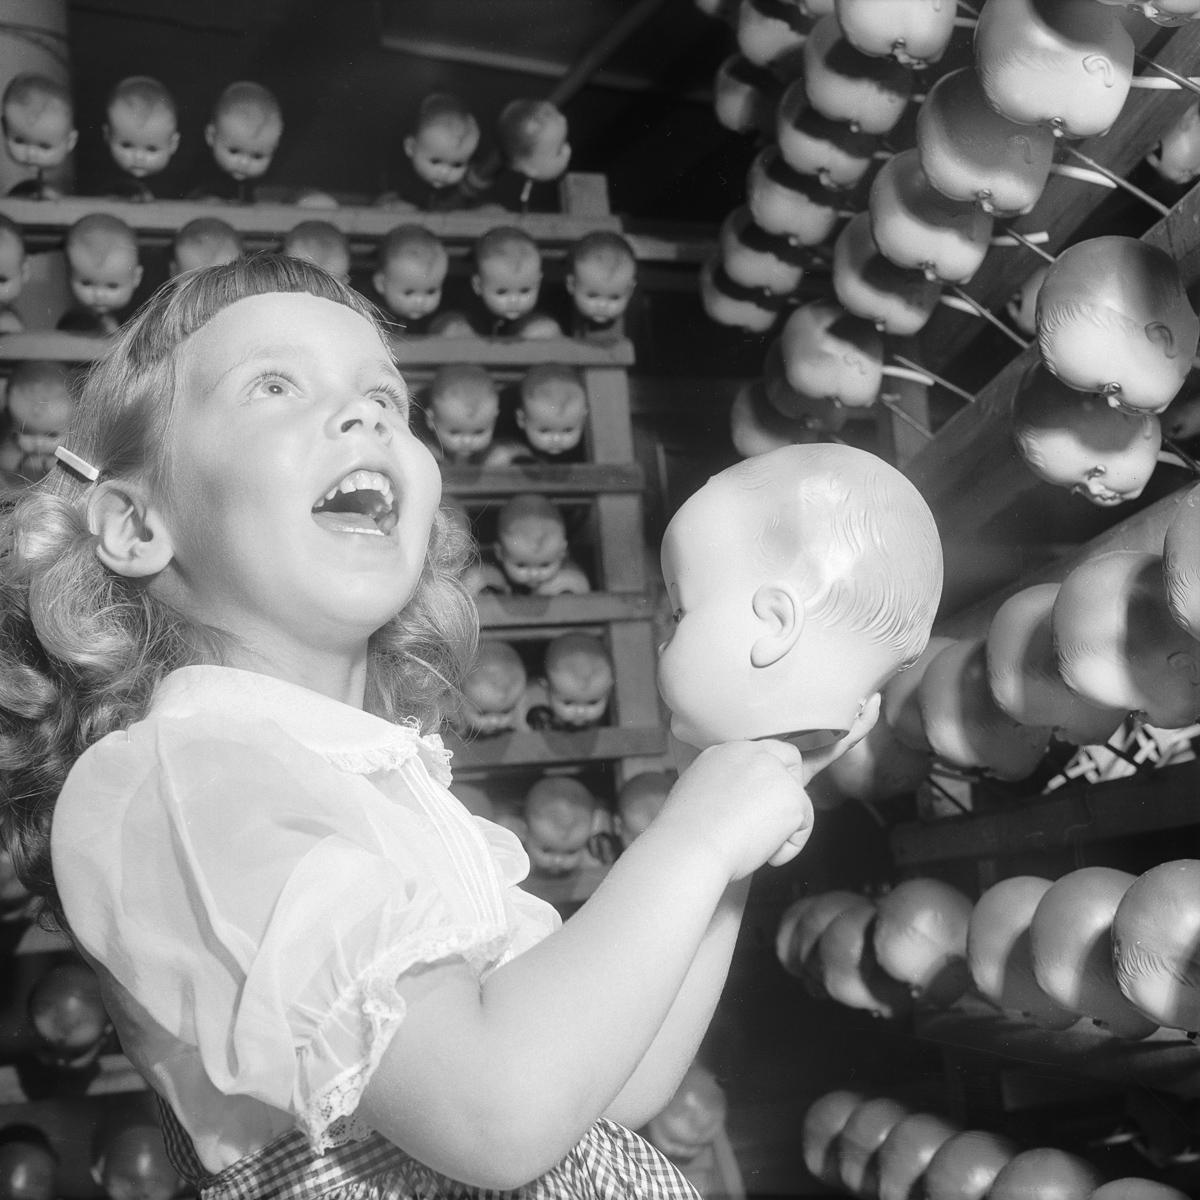 Кукольные фабрики. Попробуйте взглянуть на эти фотографии и не ужаснуться